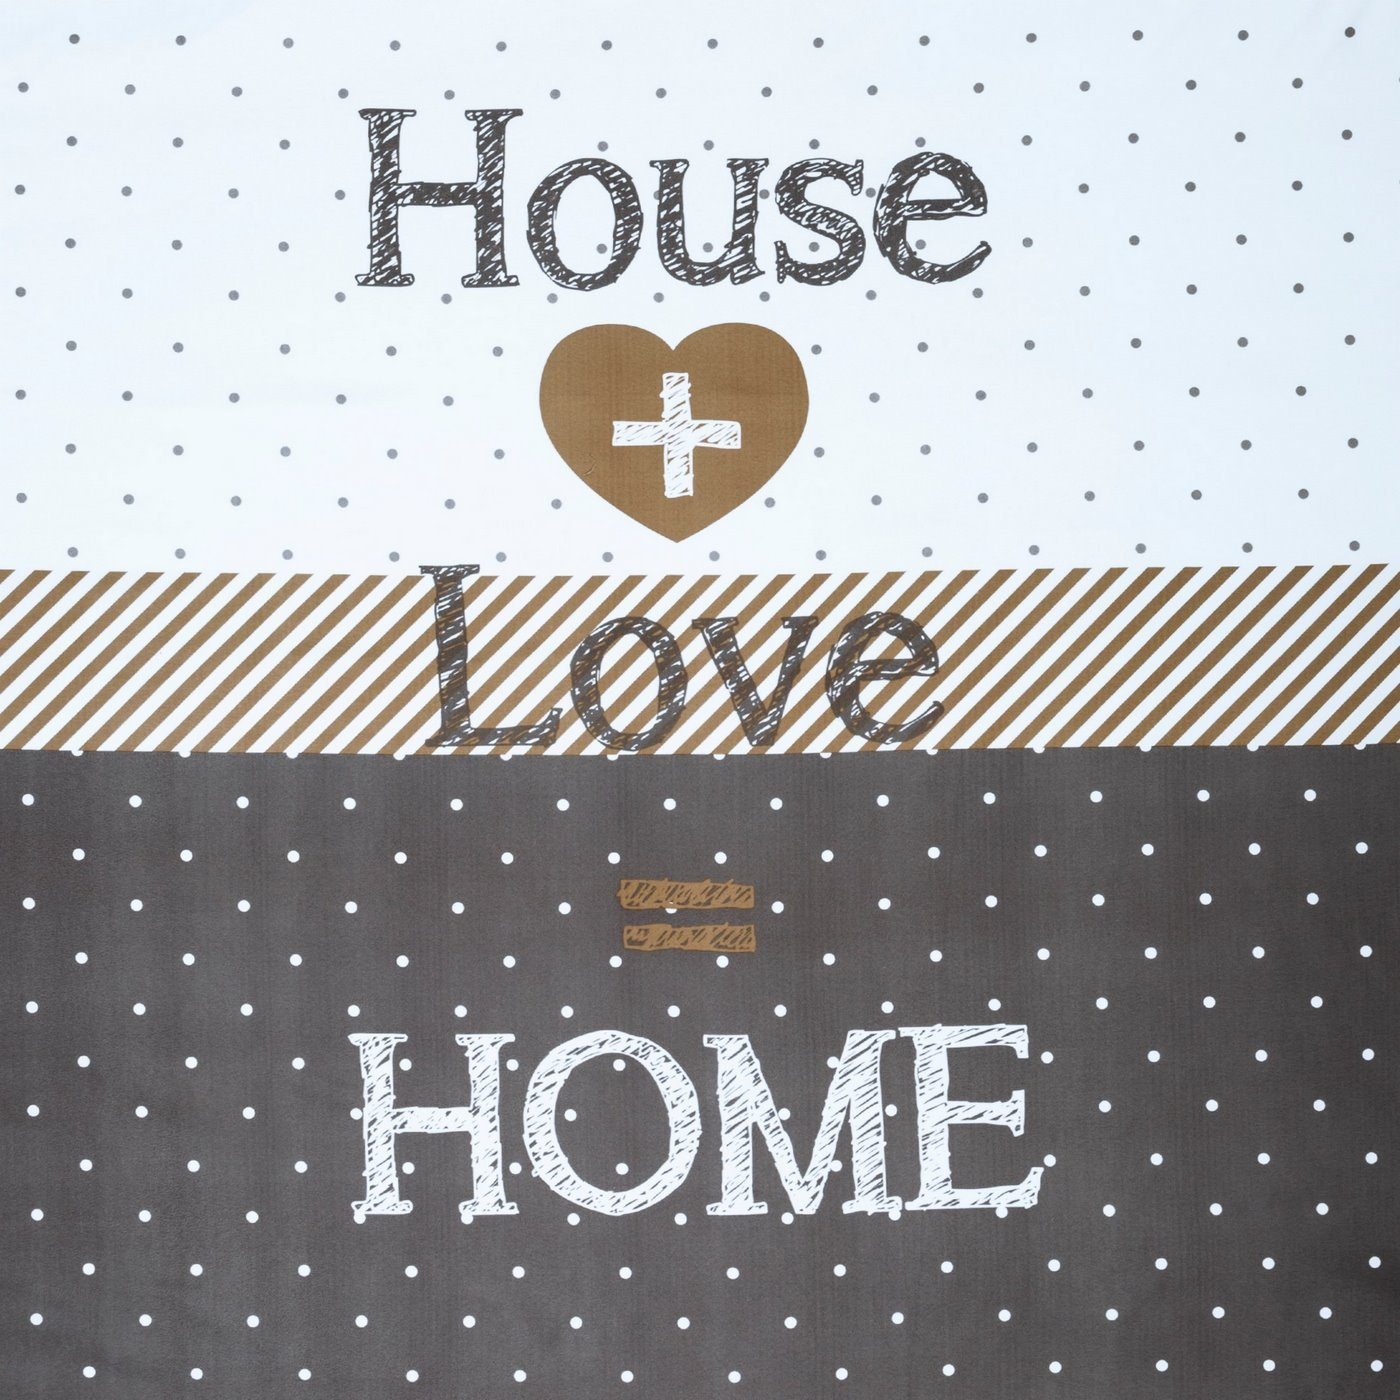 Komplet pościeli z MIKROFIBRY 160 x 200 cm, 2 szt. 70 x 80 cm, HOUSE + LOVE = HOME